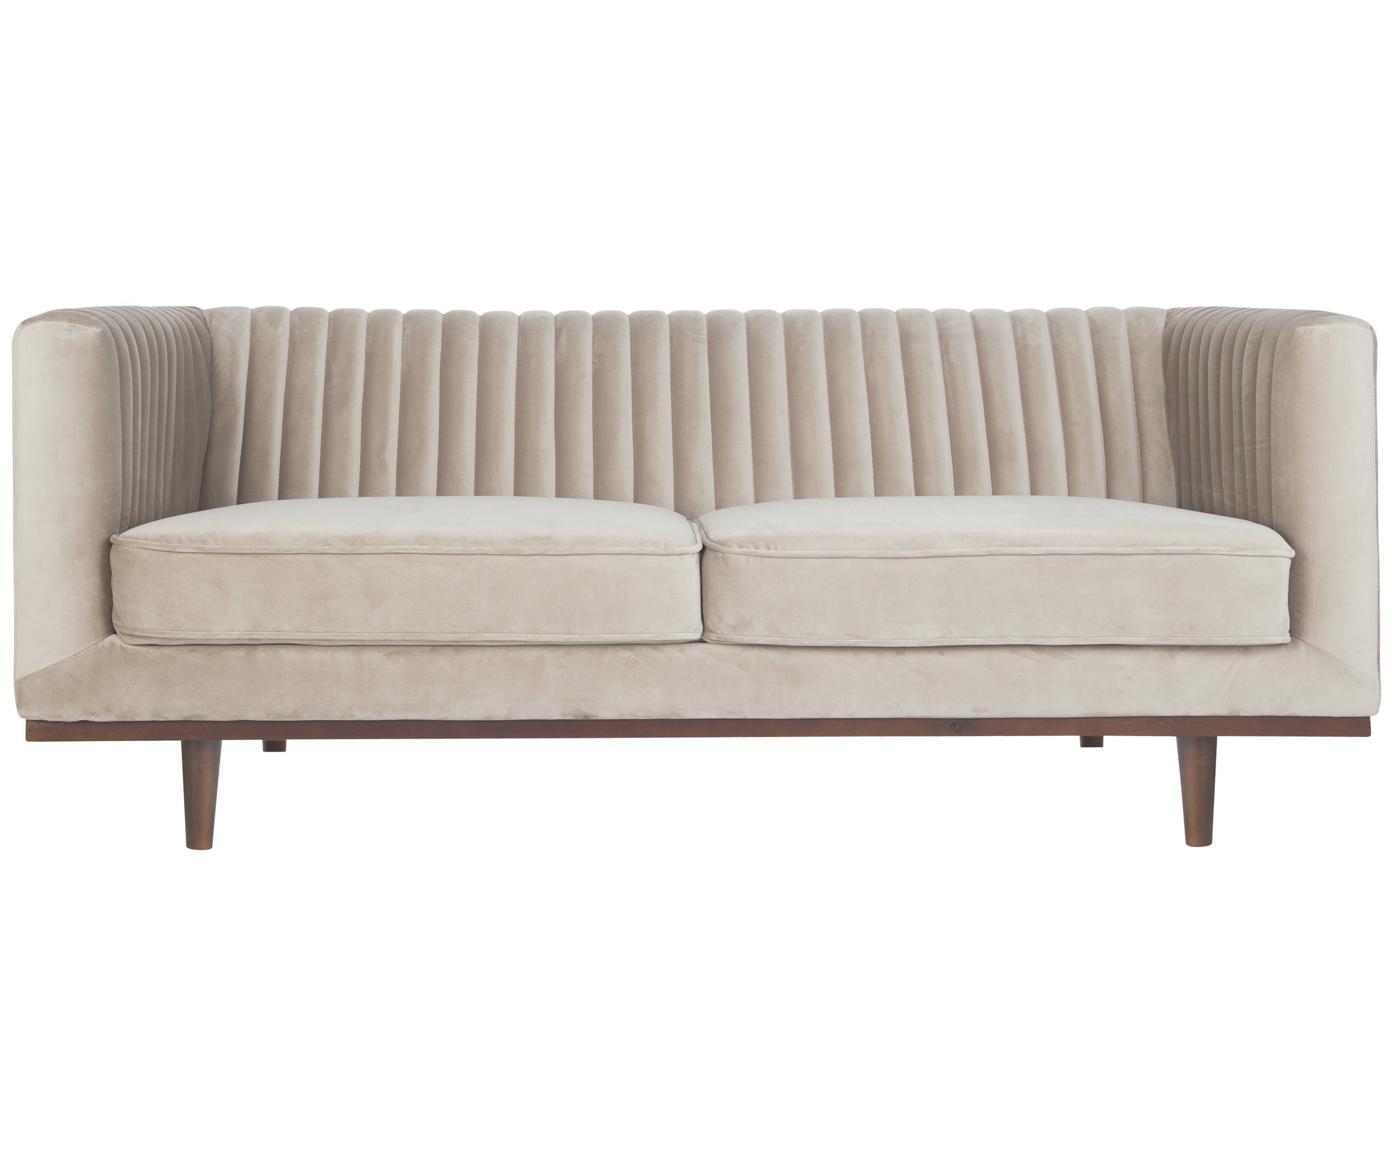 Sofa z aksamitu Dante (2-osobowa), Tapicerka: aksamit poliestrowy, Stelaż: drewno kauczukowe lakiero, Tapicerka: pianka poliuretanowa, Tkanina beżowa, S 174 x G 87 cm